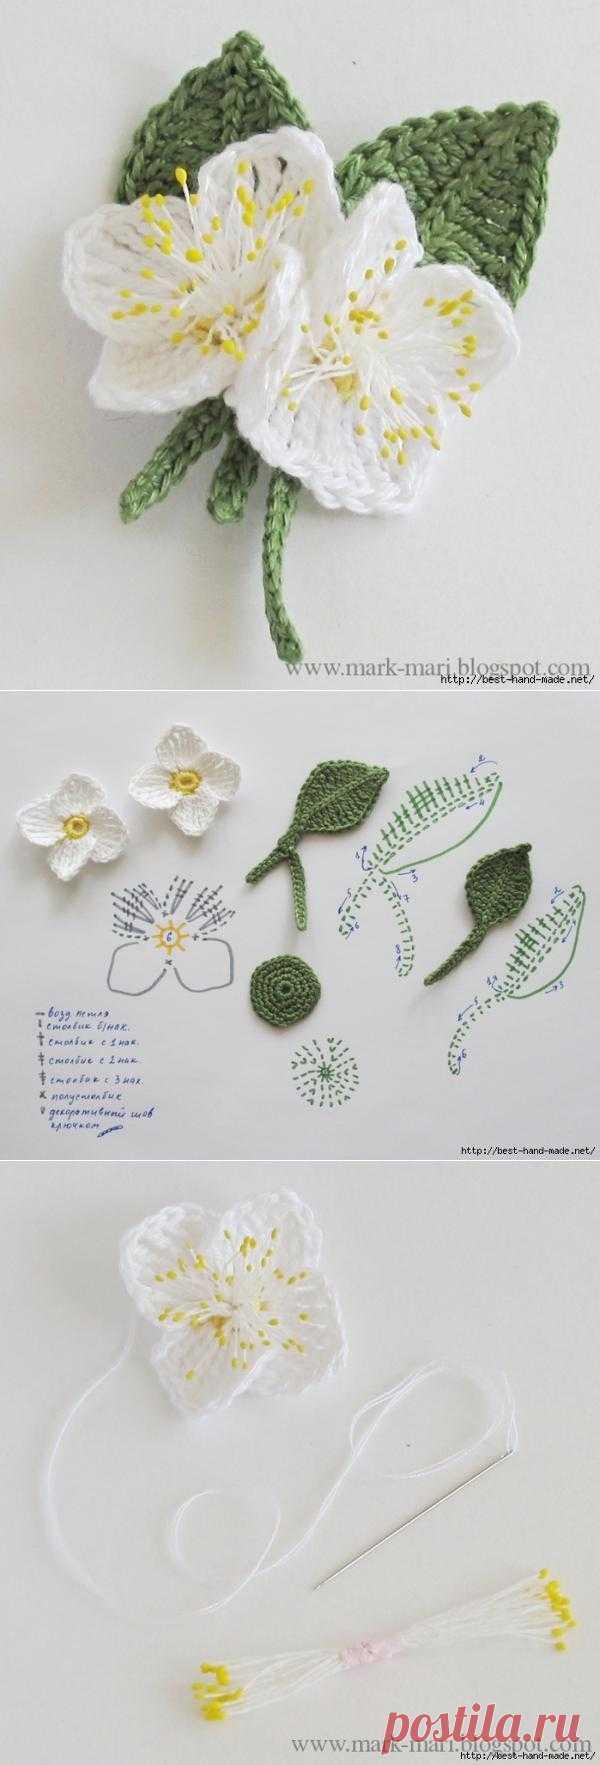 """Цветы жасмина крючком. Схема и описание от Галины, """"Марк и Мари"""". Комментарии"""